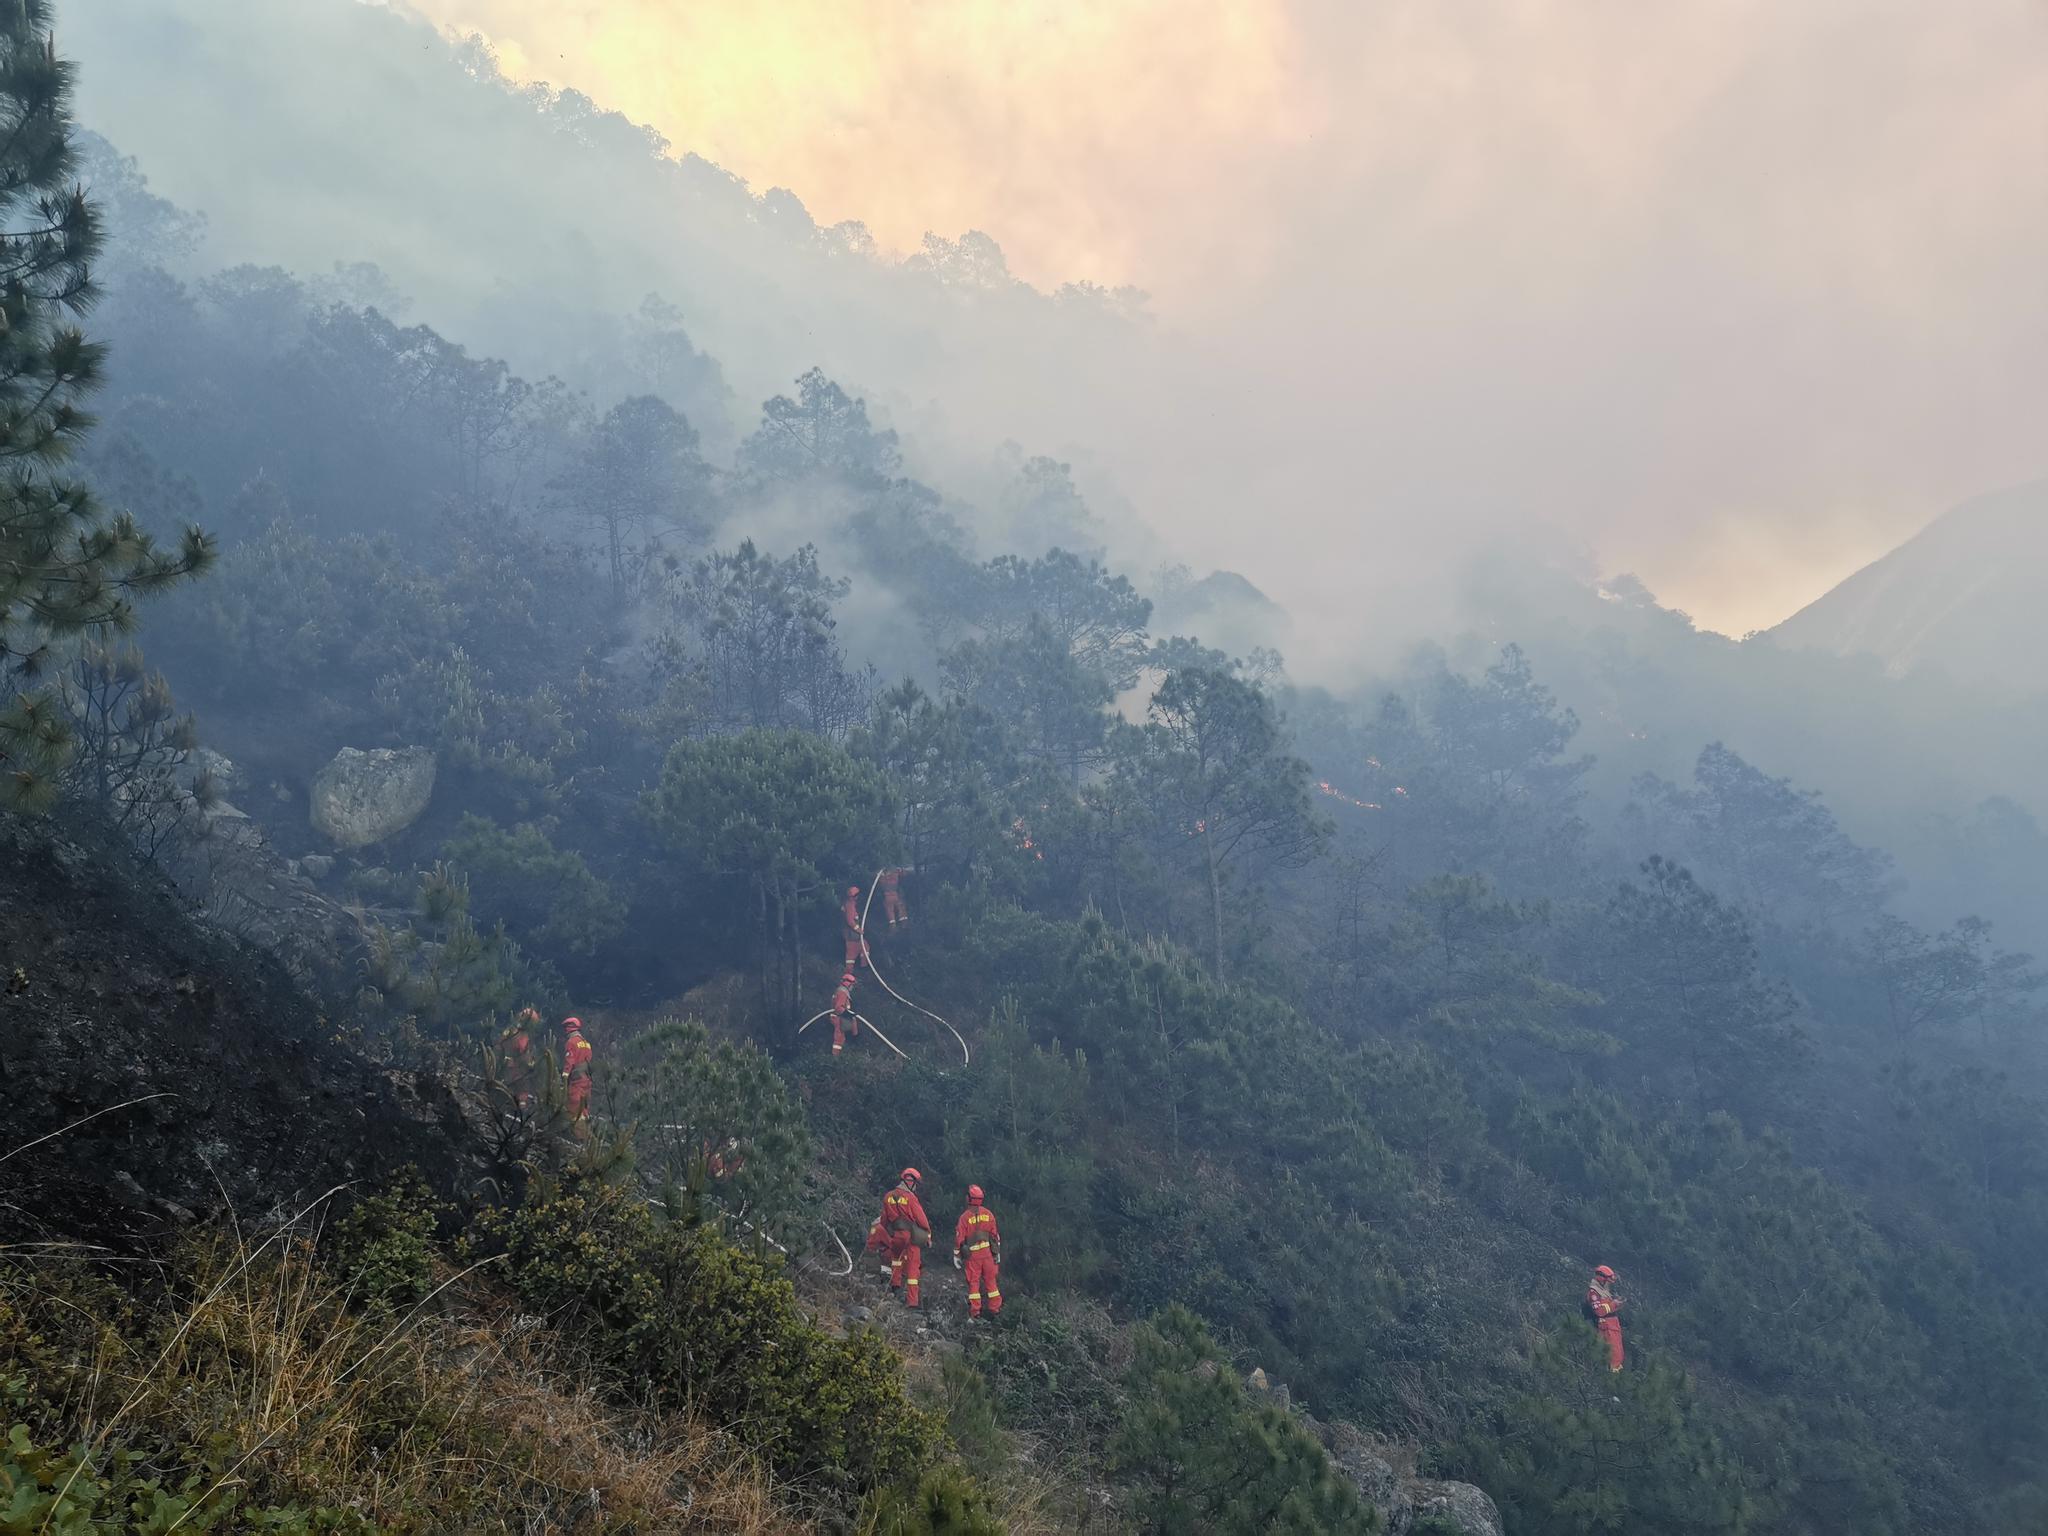 【摩天平台】火面积约21公摩天平台顷超千人图片